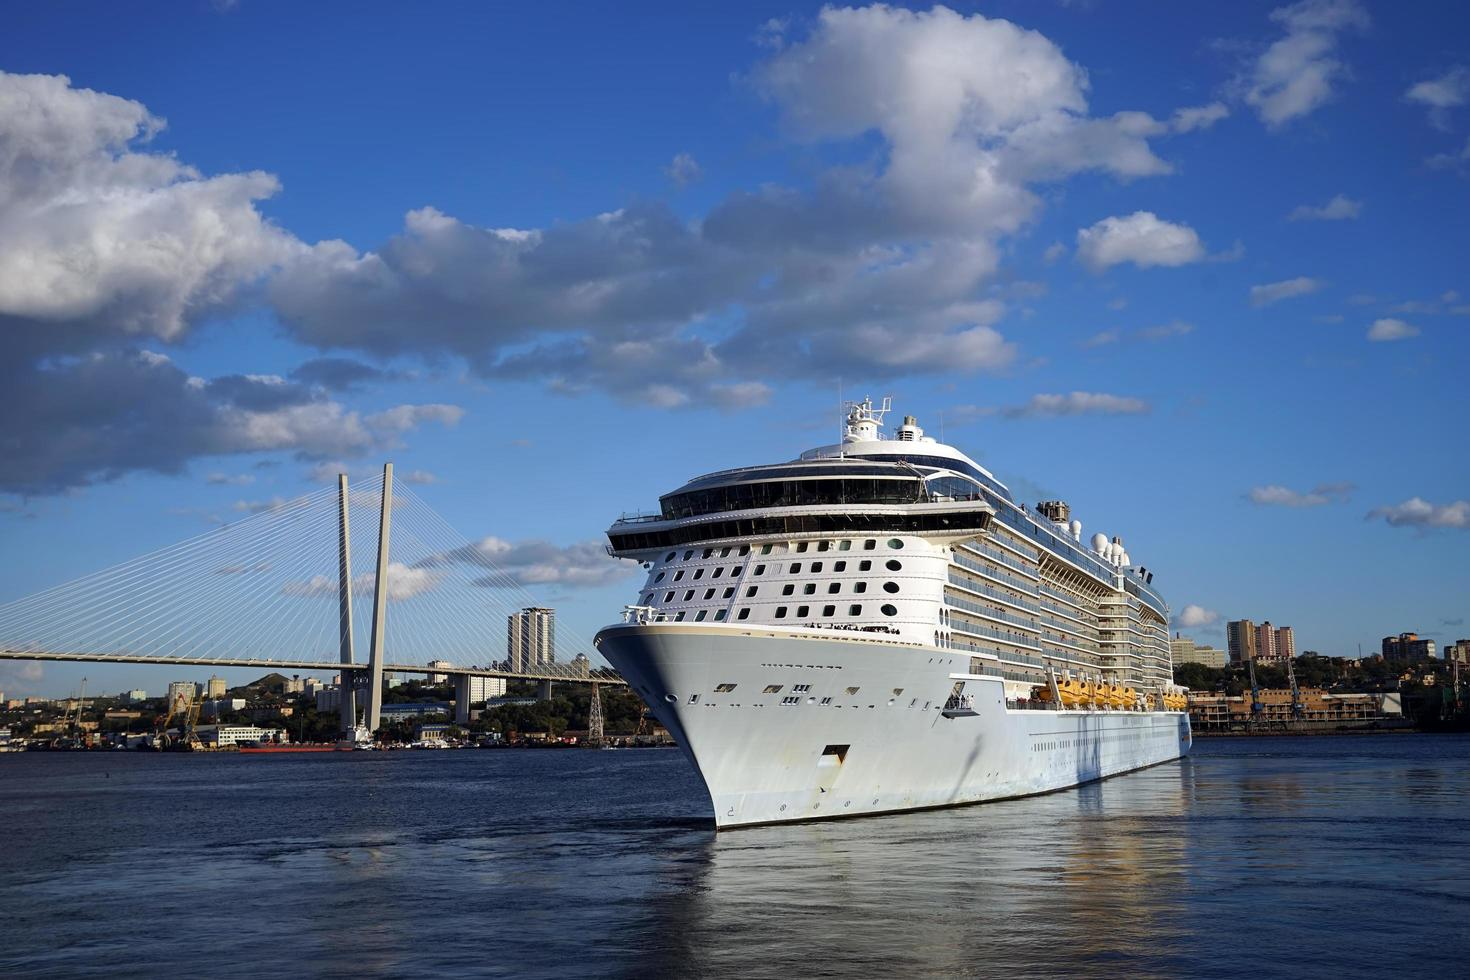 Kreuzfahrtschiff in der Bucht des goldenen Horns mit einem bewölkten blauen Himmel in Wladiwostok, Russland foto